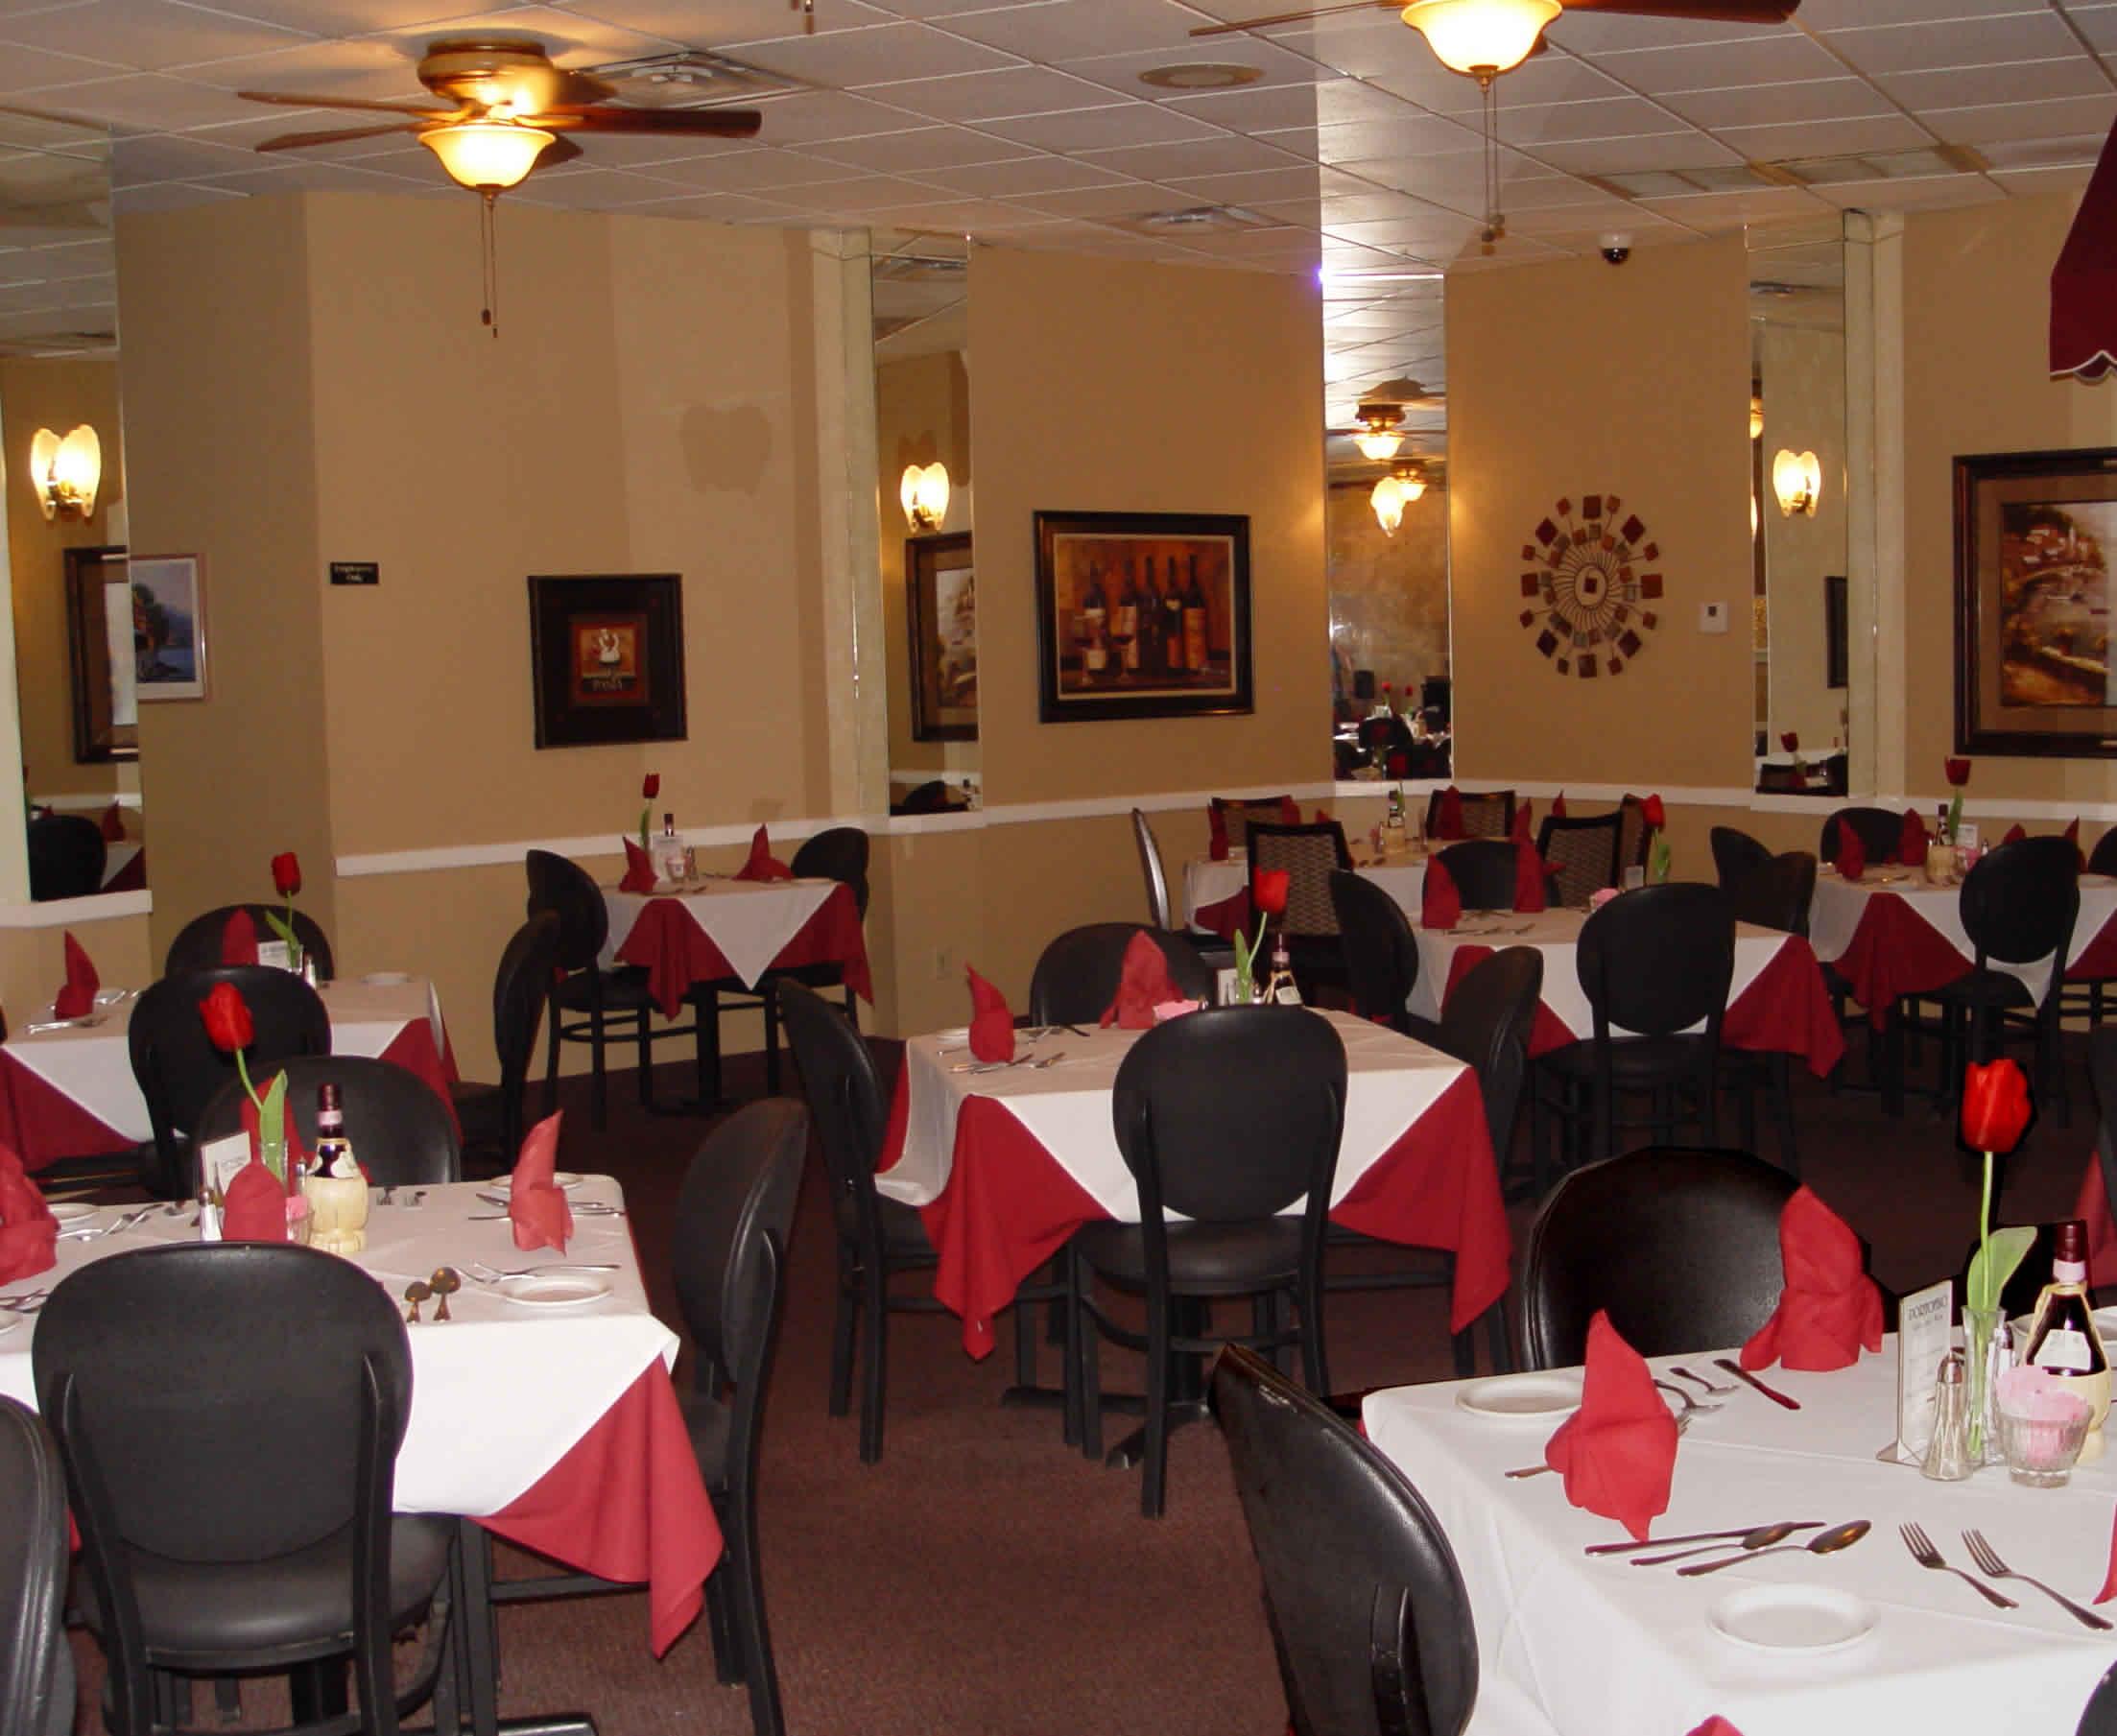 Portofino West Ristorante Italiano Authentic Italian Restaurant Cusine 623 583 1931